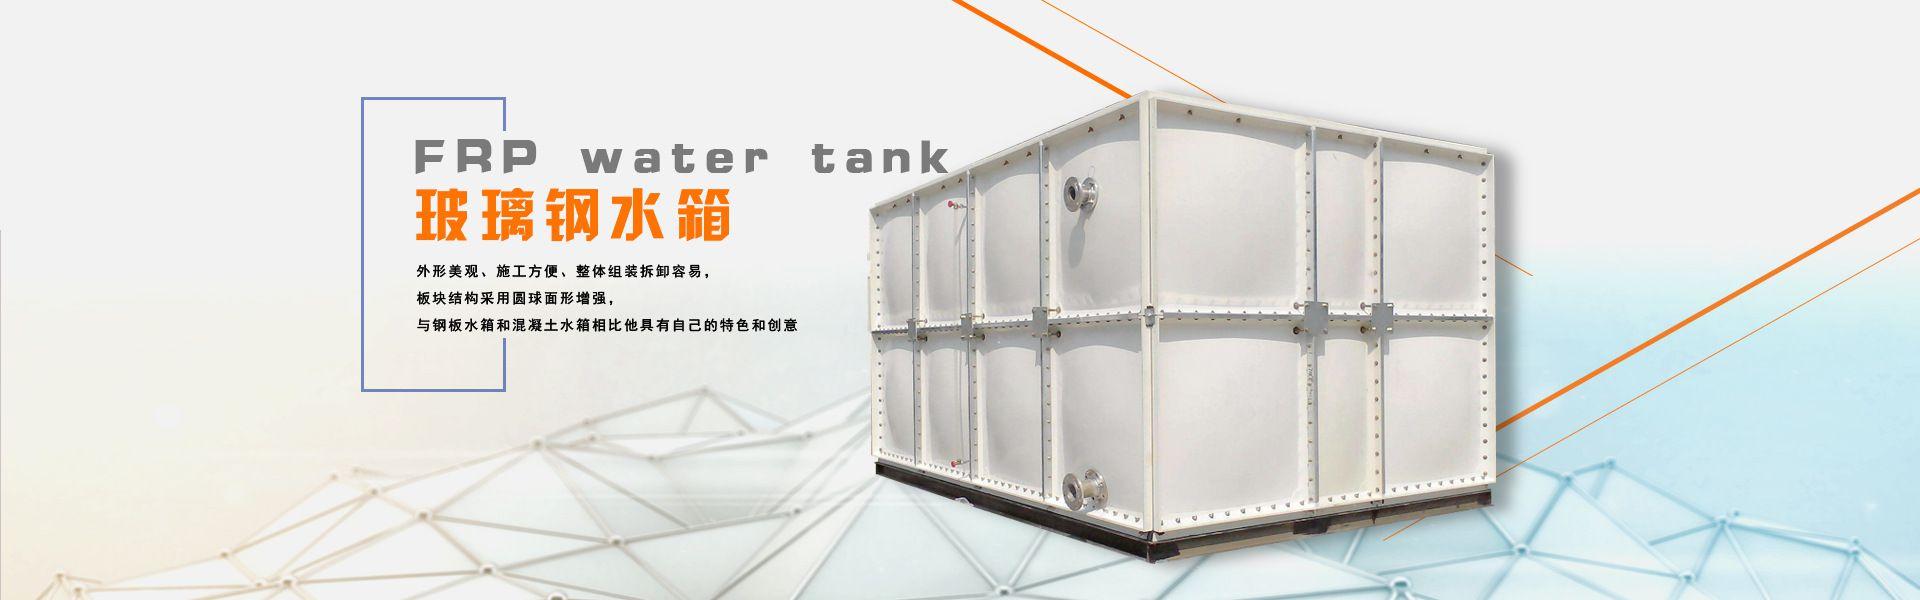 玻璃钢消防水箱生产厂家